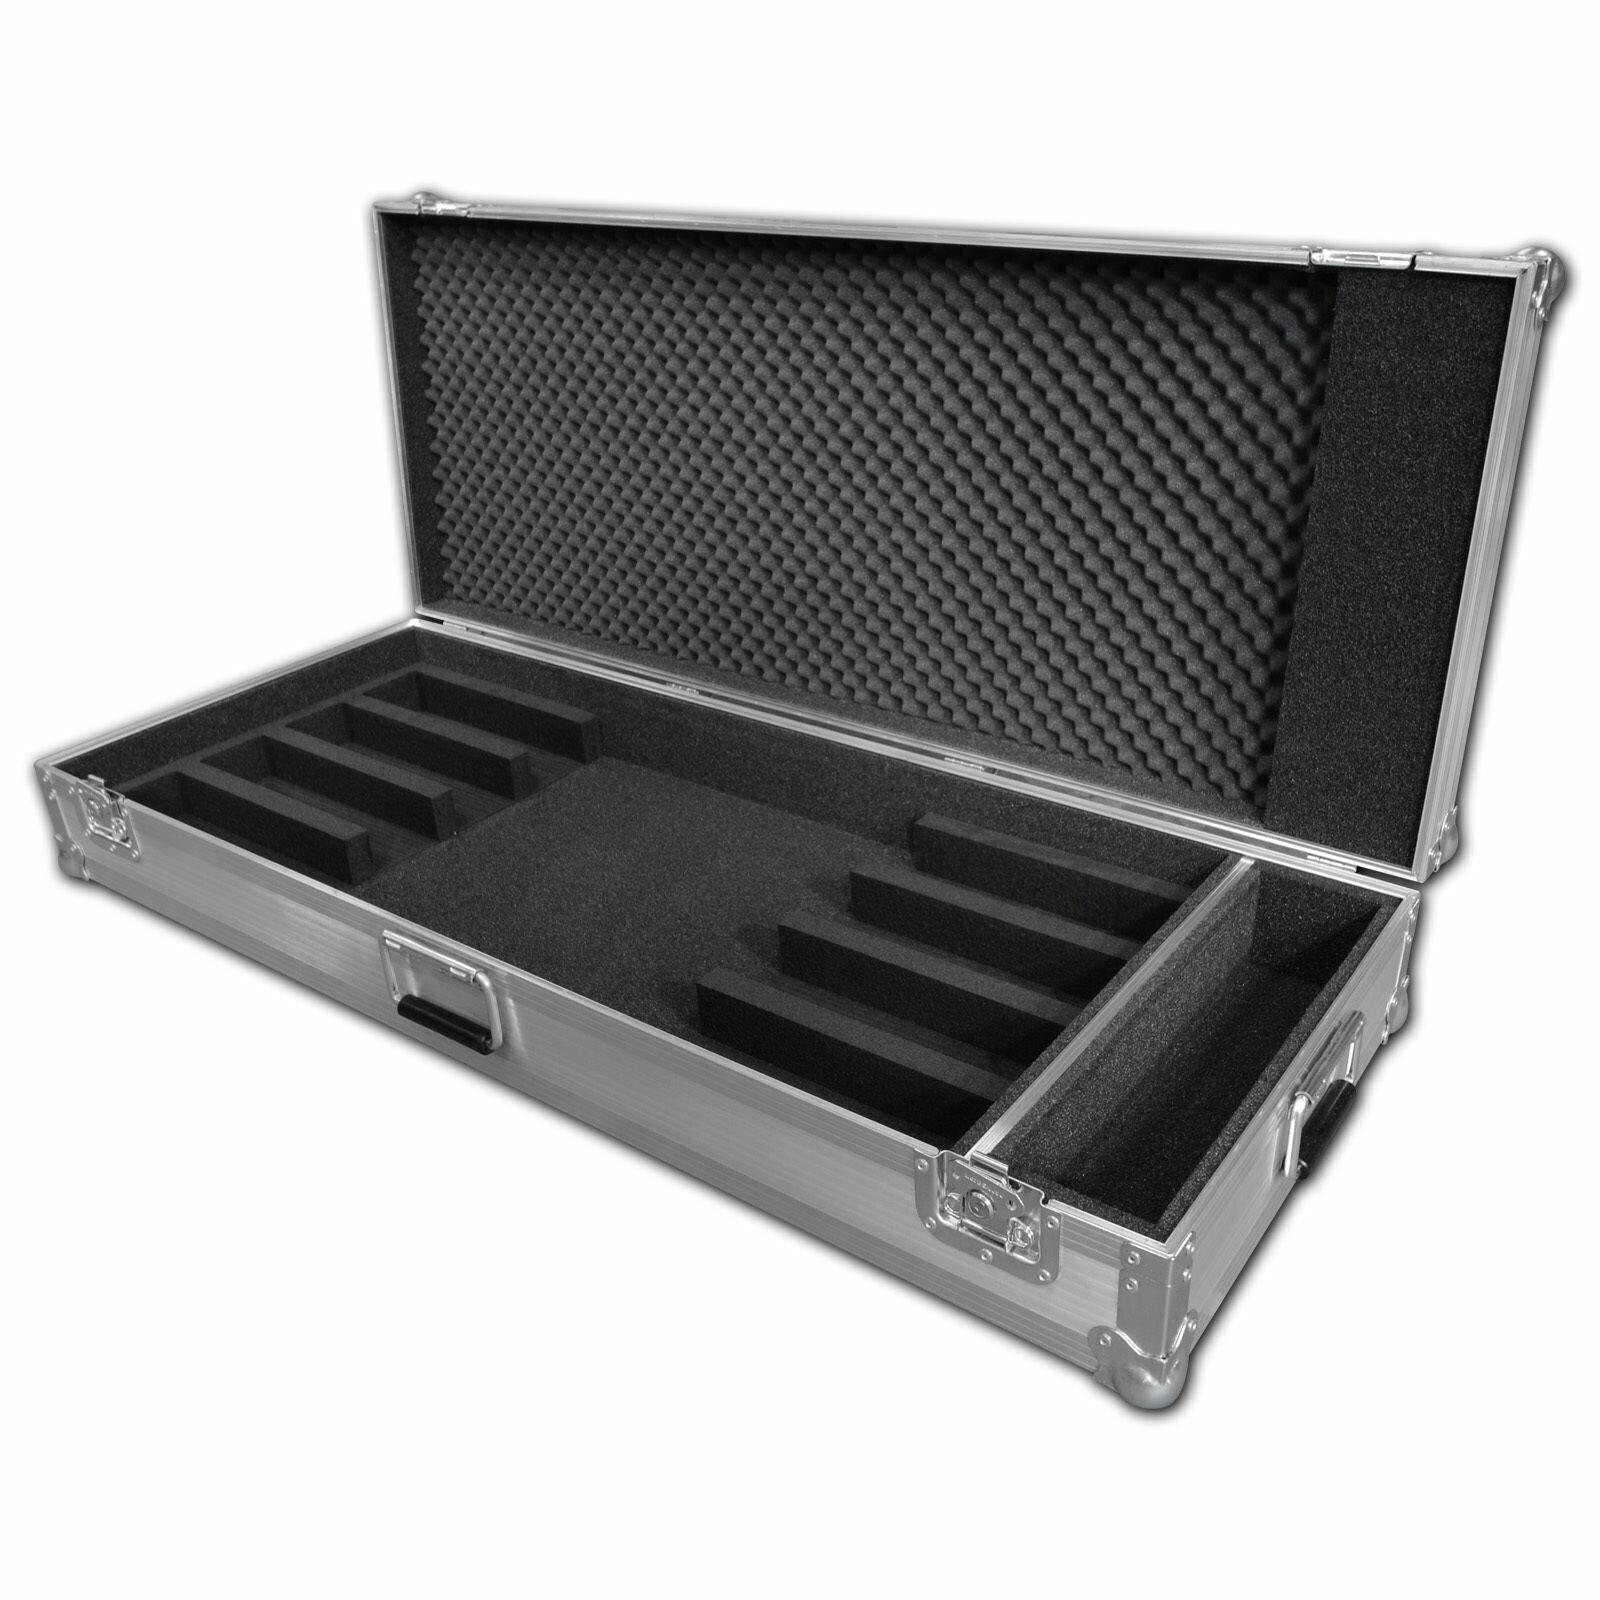 LED Batten Flight Case To fit 4 Battens for Chauvet COLORADO Battern 72 Tour